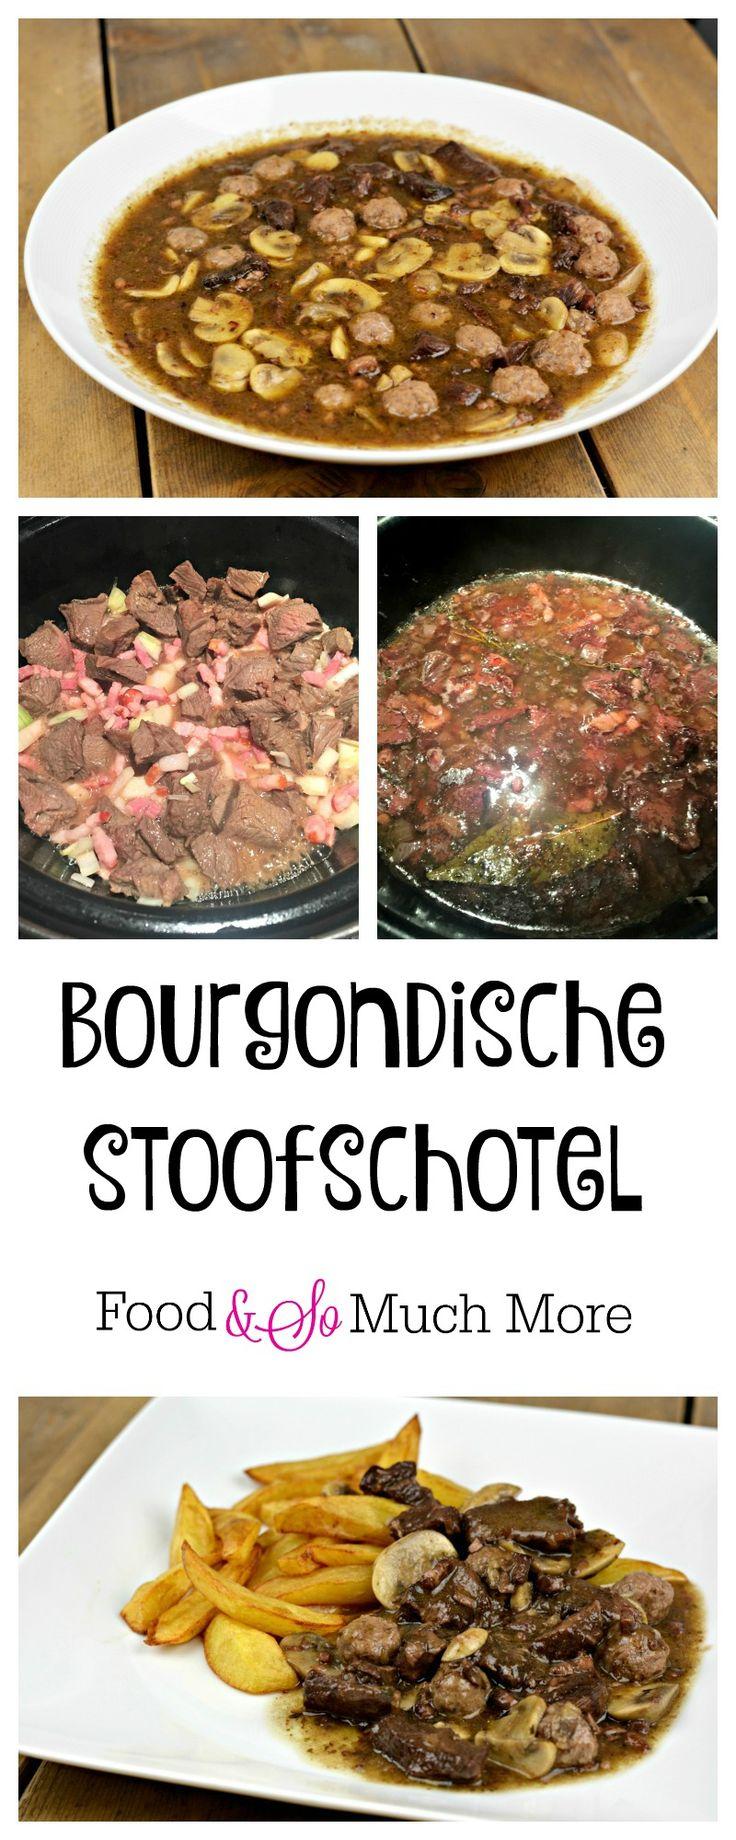 Een heerlijke Bourgondische stoofschotel, zonder pakjes en zakjes. Recept van foodensomuchmore.nl